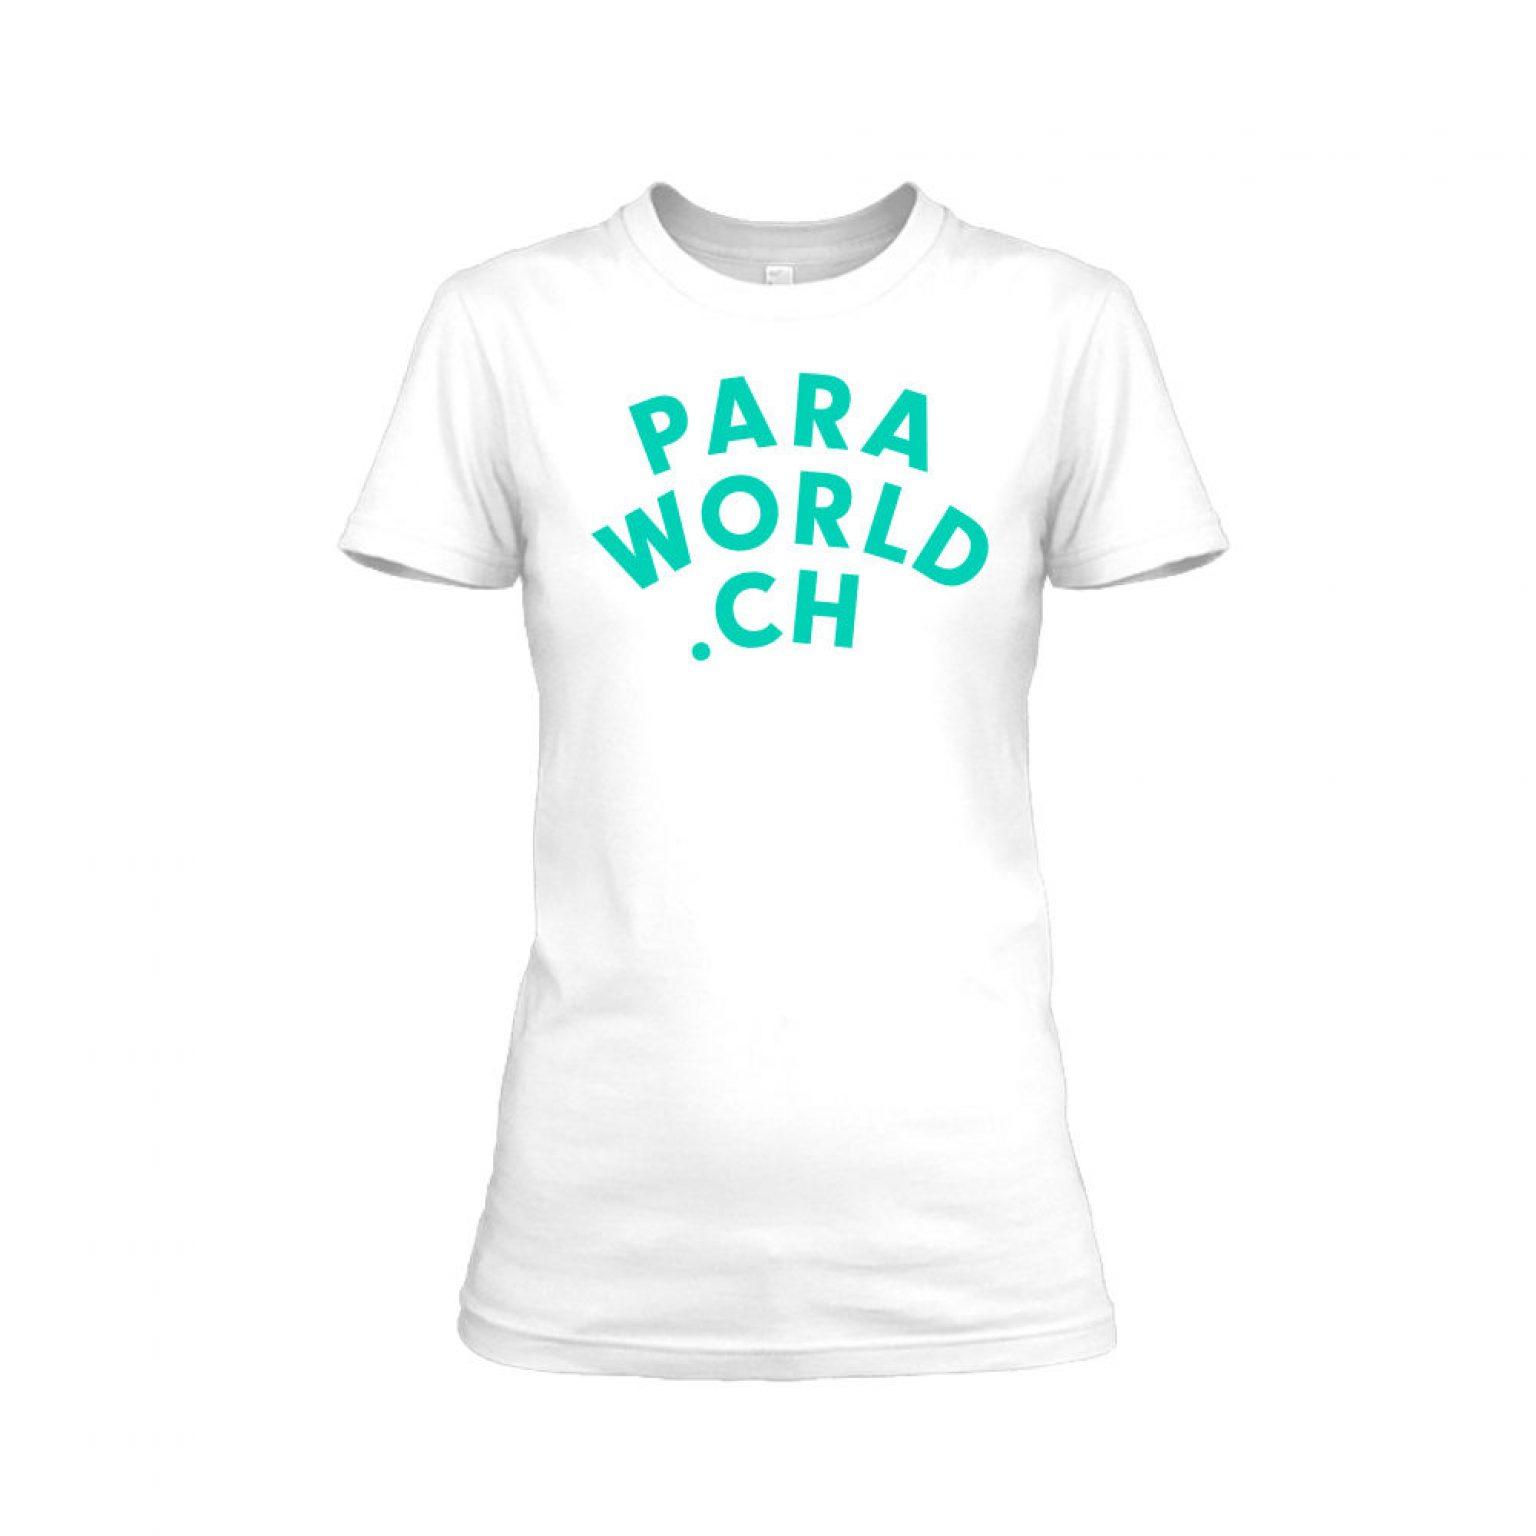 PW Classicturqois shirt damen white